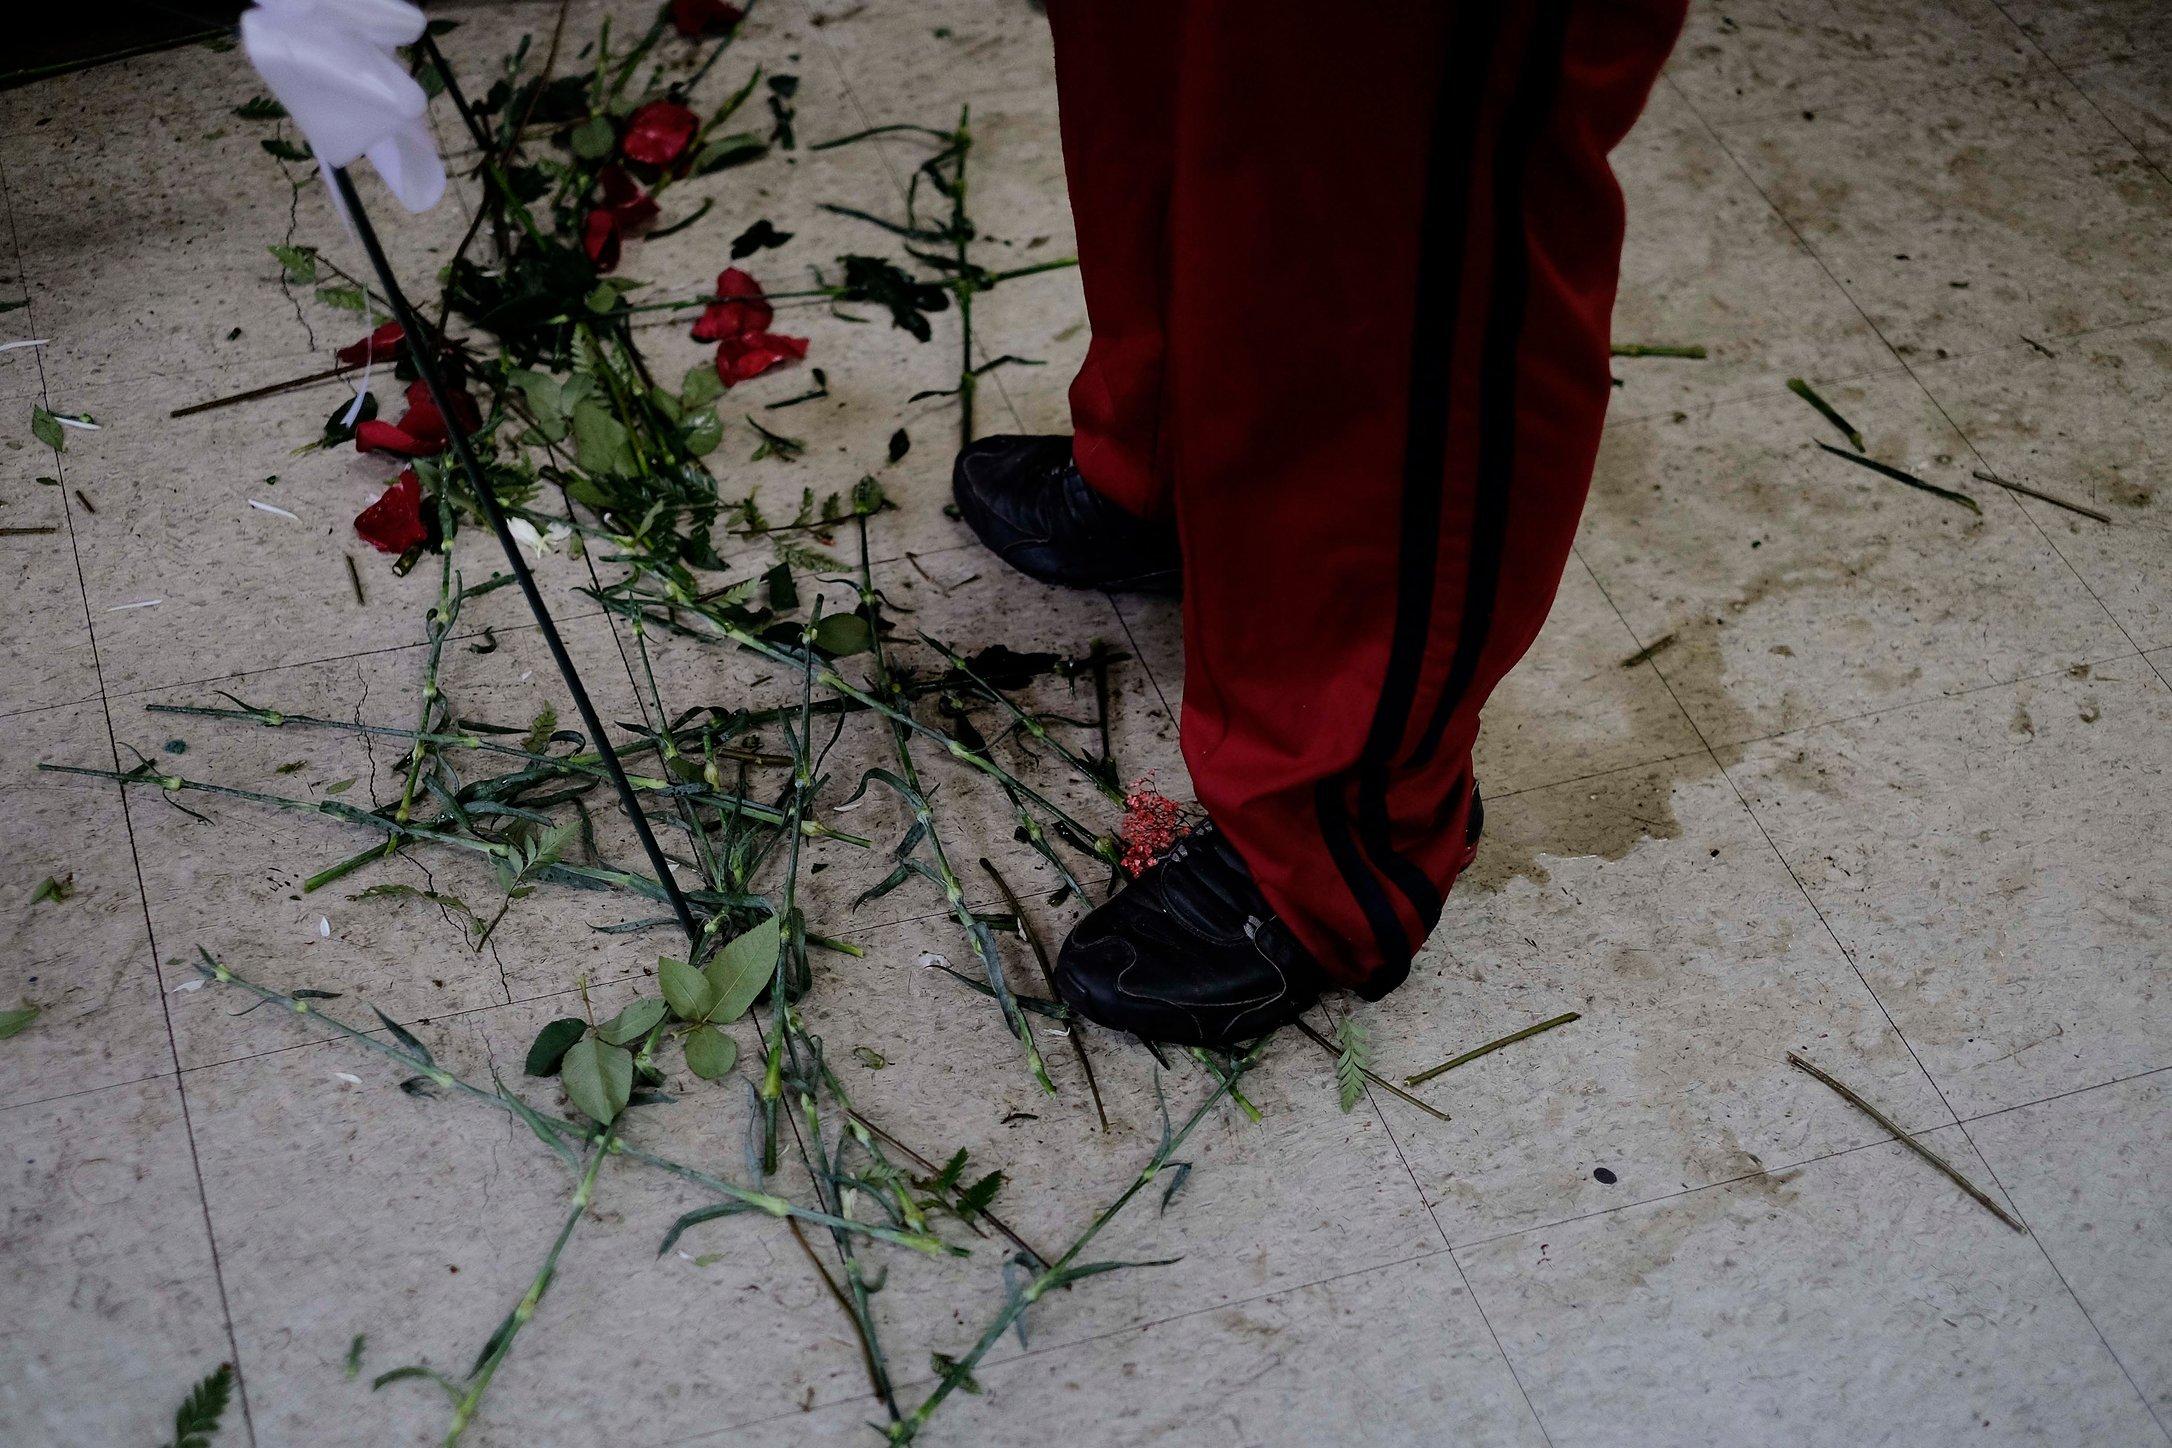 141108_MBElian_flowermen_006_sm.JPG